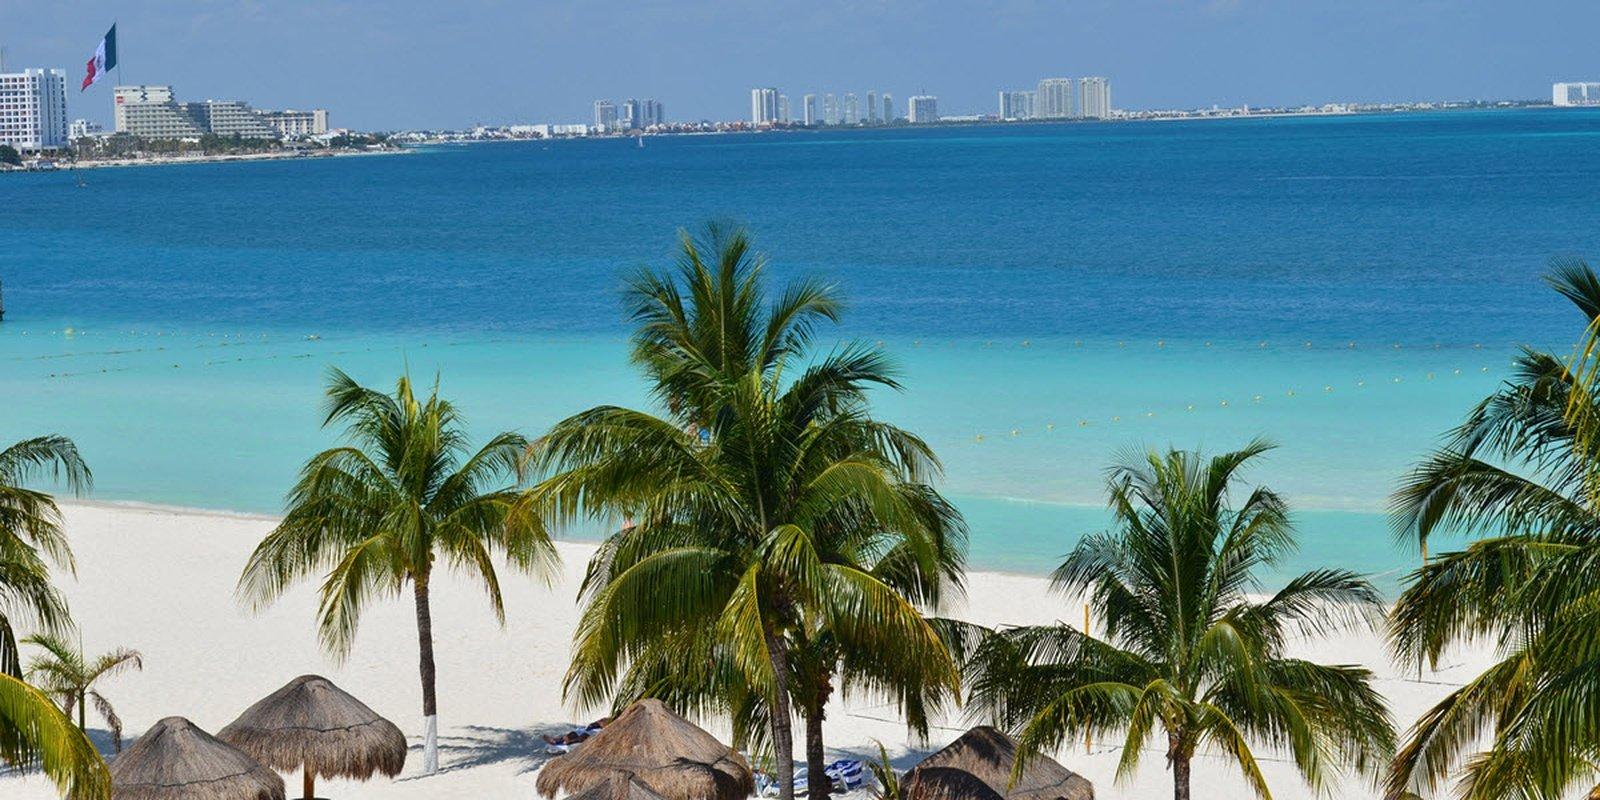 Beachscape Kin Ha Villas & Suites Cancún Photos, OFFICIAL ...